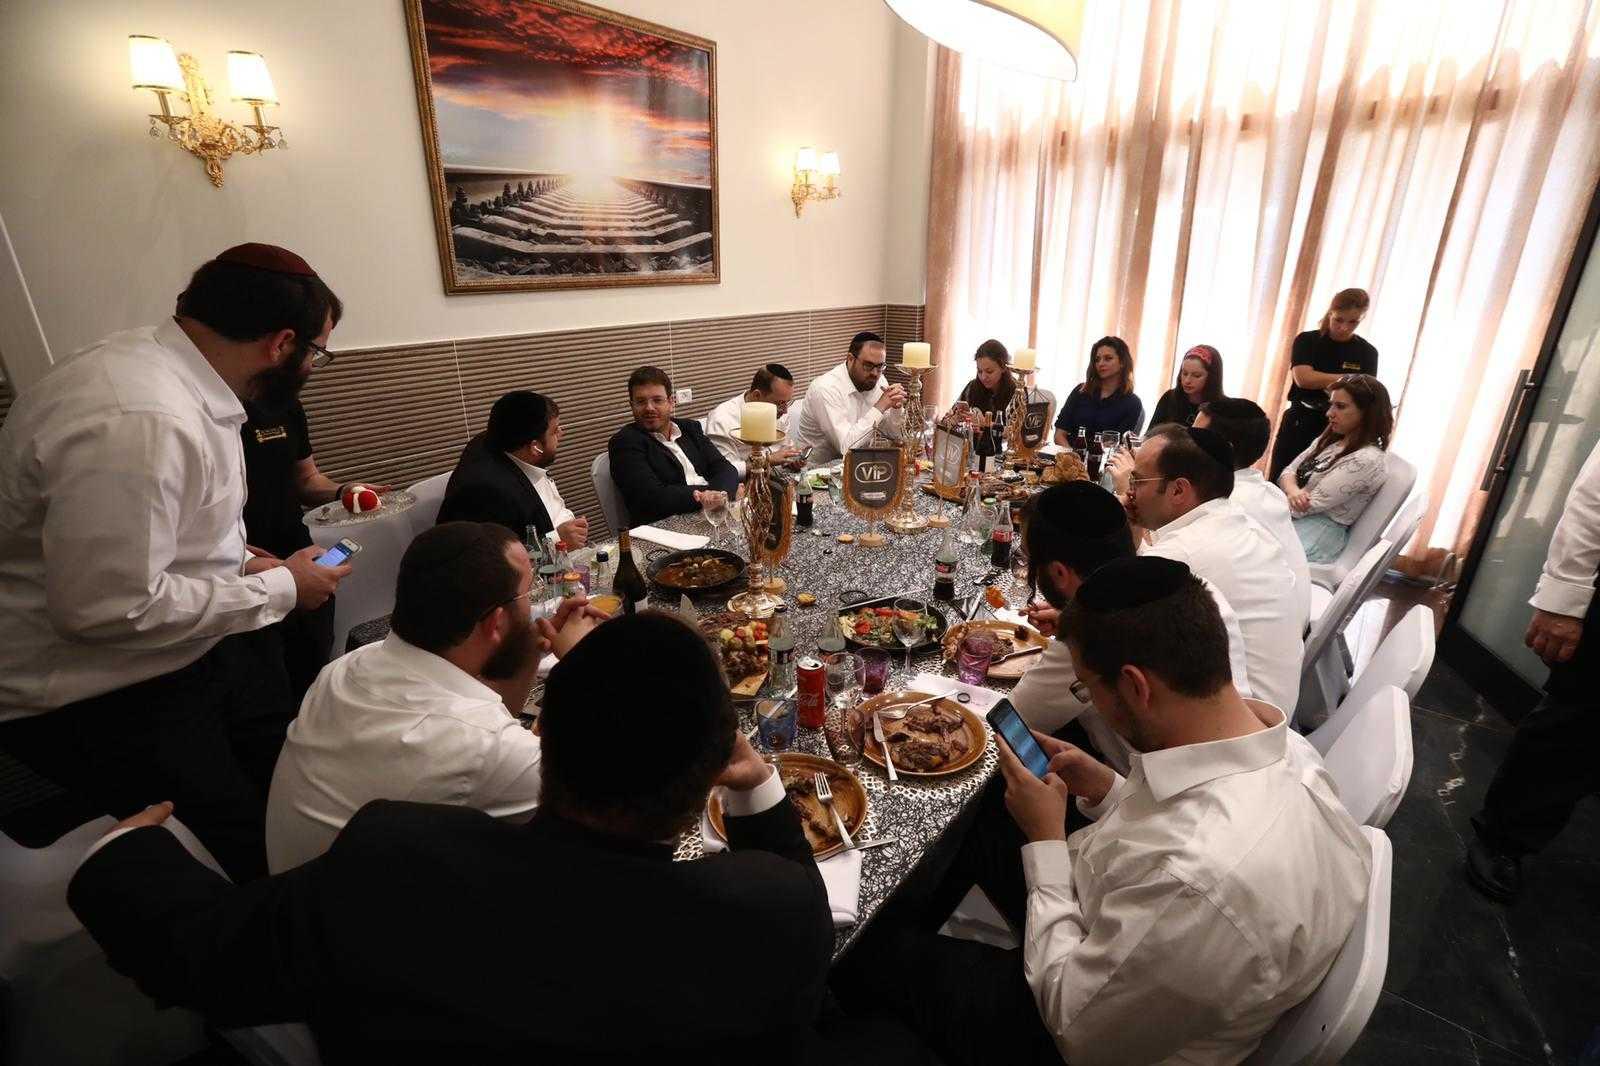 סיקור מצולם: עיתונאים חרדים באירוע השקה לחדר VIP במסעדה היהודית 11